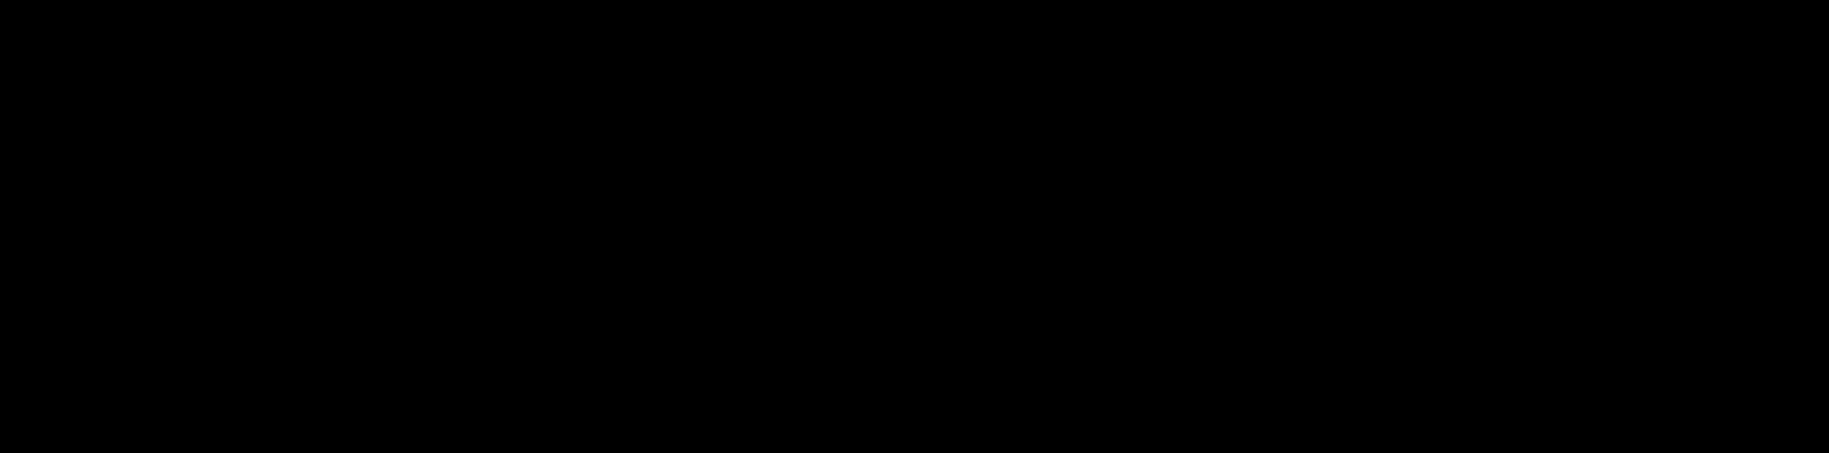 sf-logga-bred-svart.png